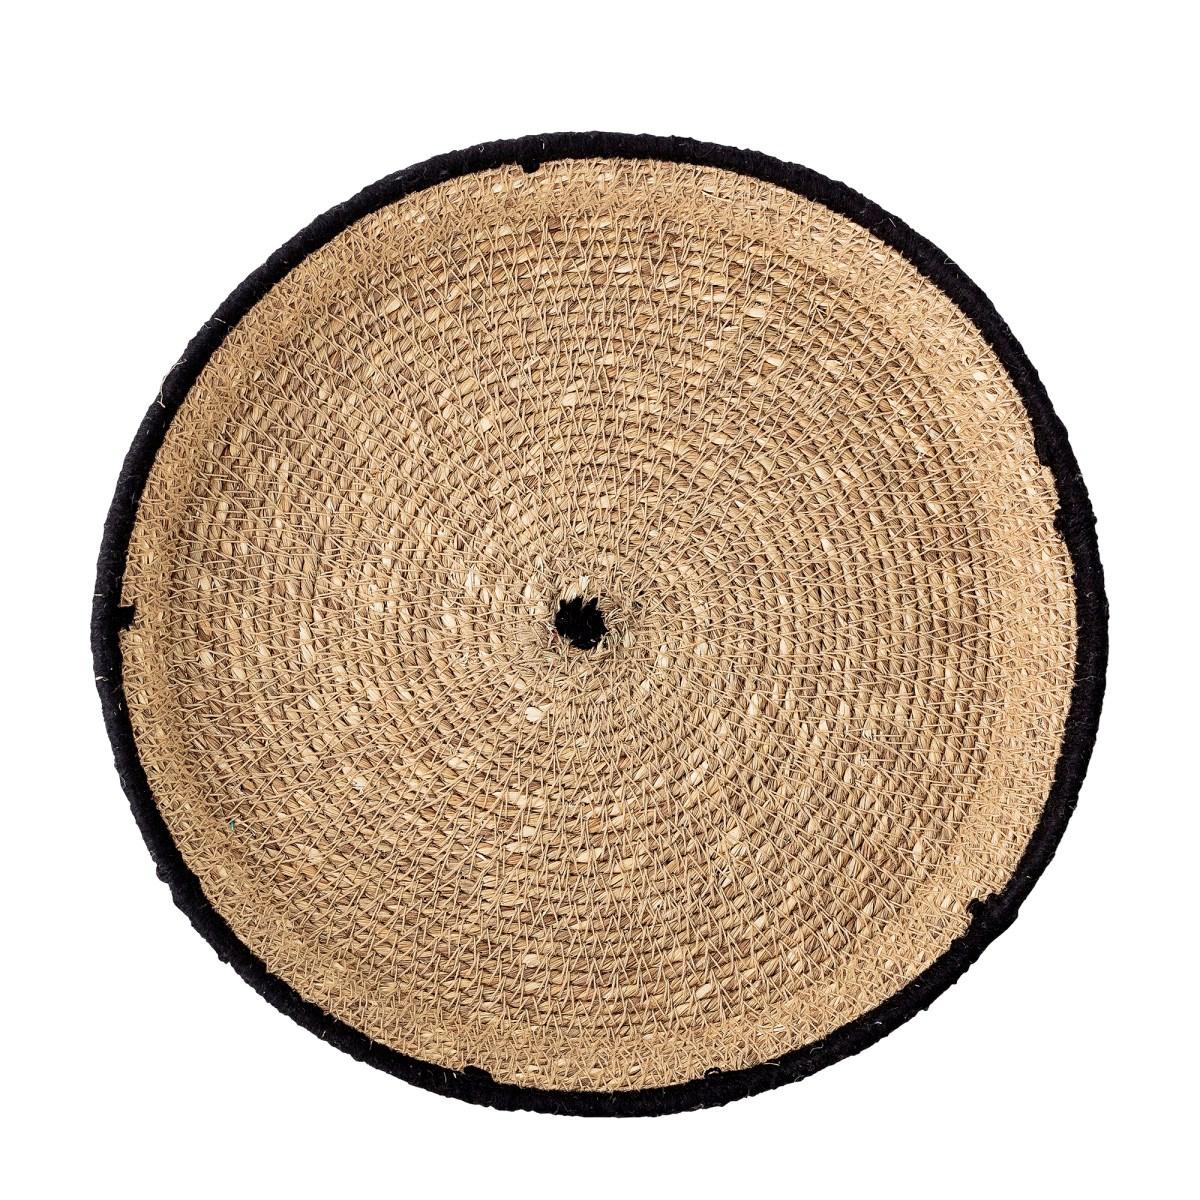 Ošatka s černou linkou 25,5 cm_0